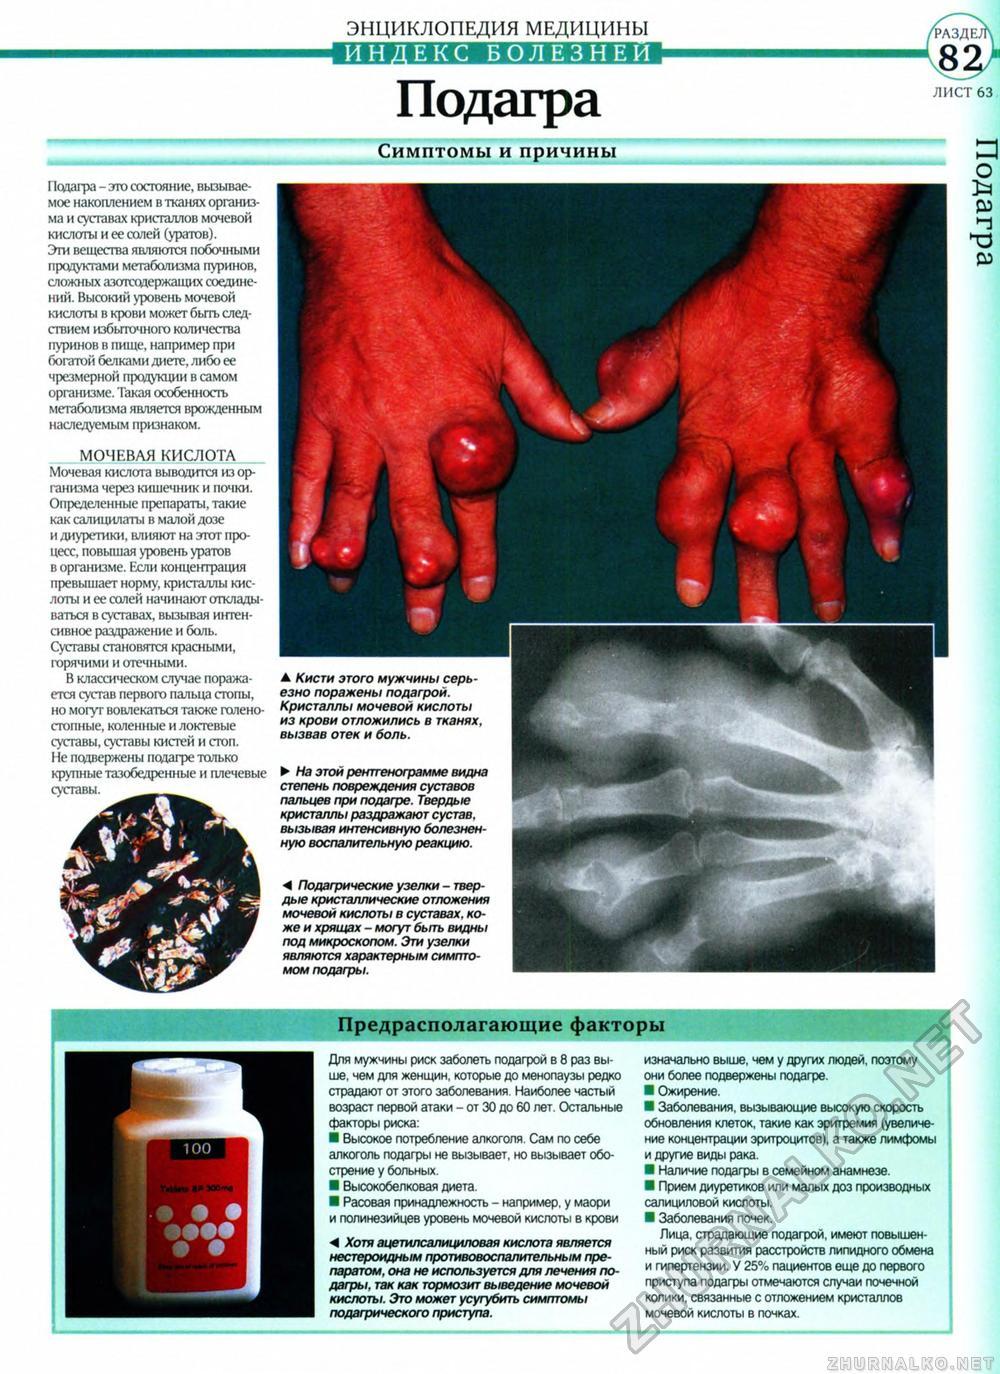 препараты выводящие паразитов из организма